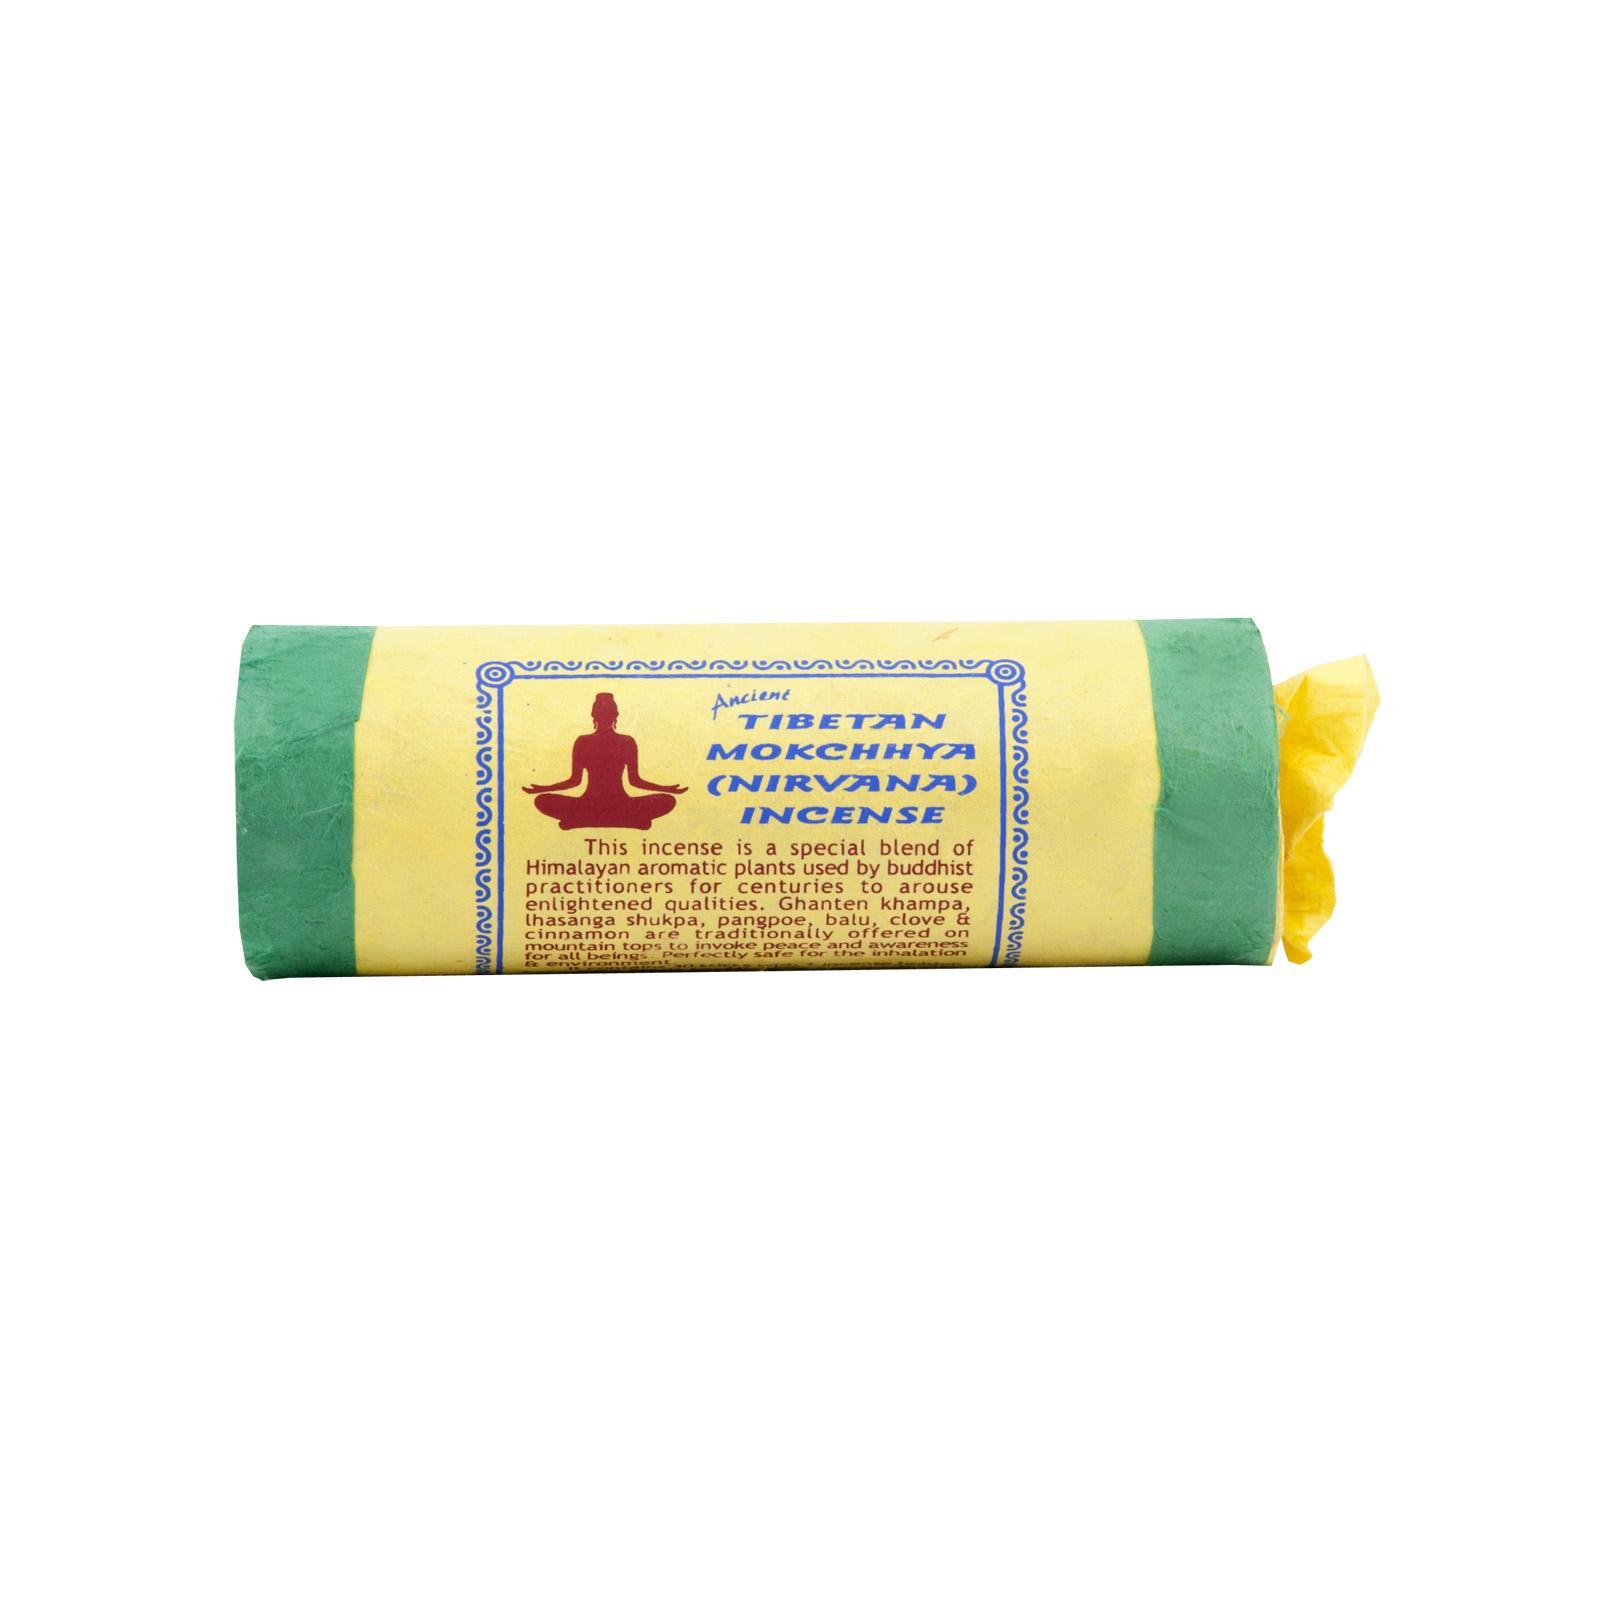 Mandala Art & Incense Vonné tyčinky tibetské Mokchhya (Nirvana) 30 ks, stojánek